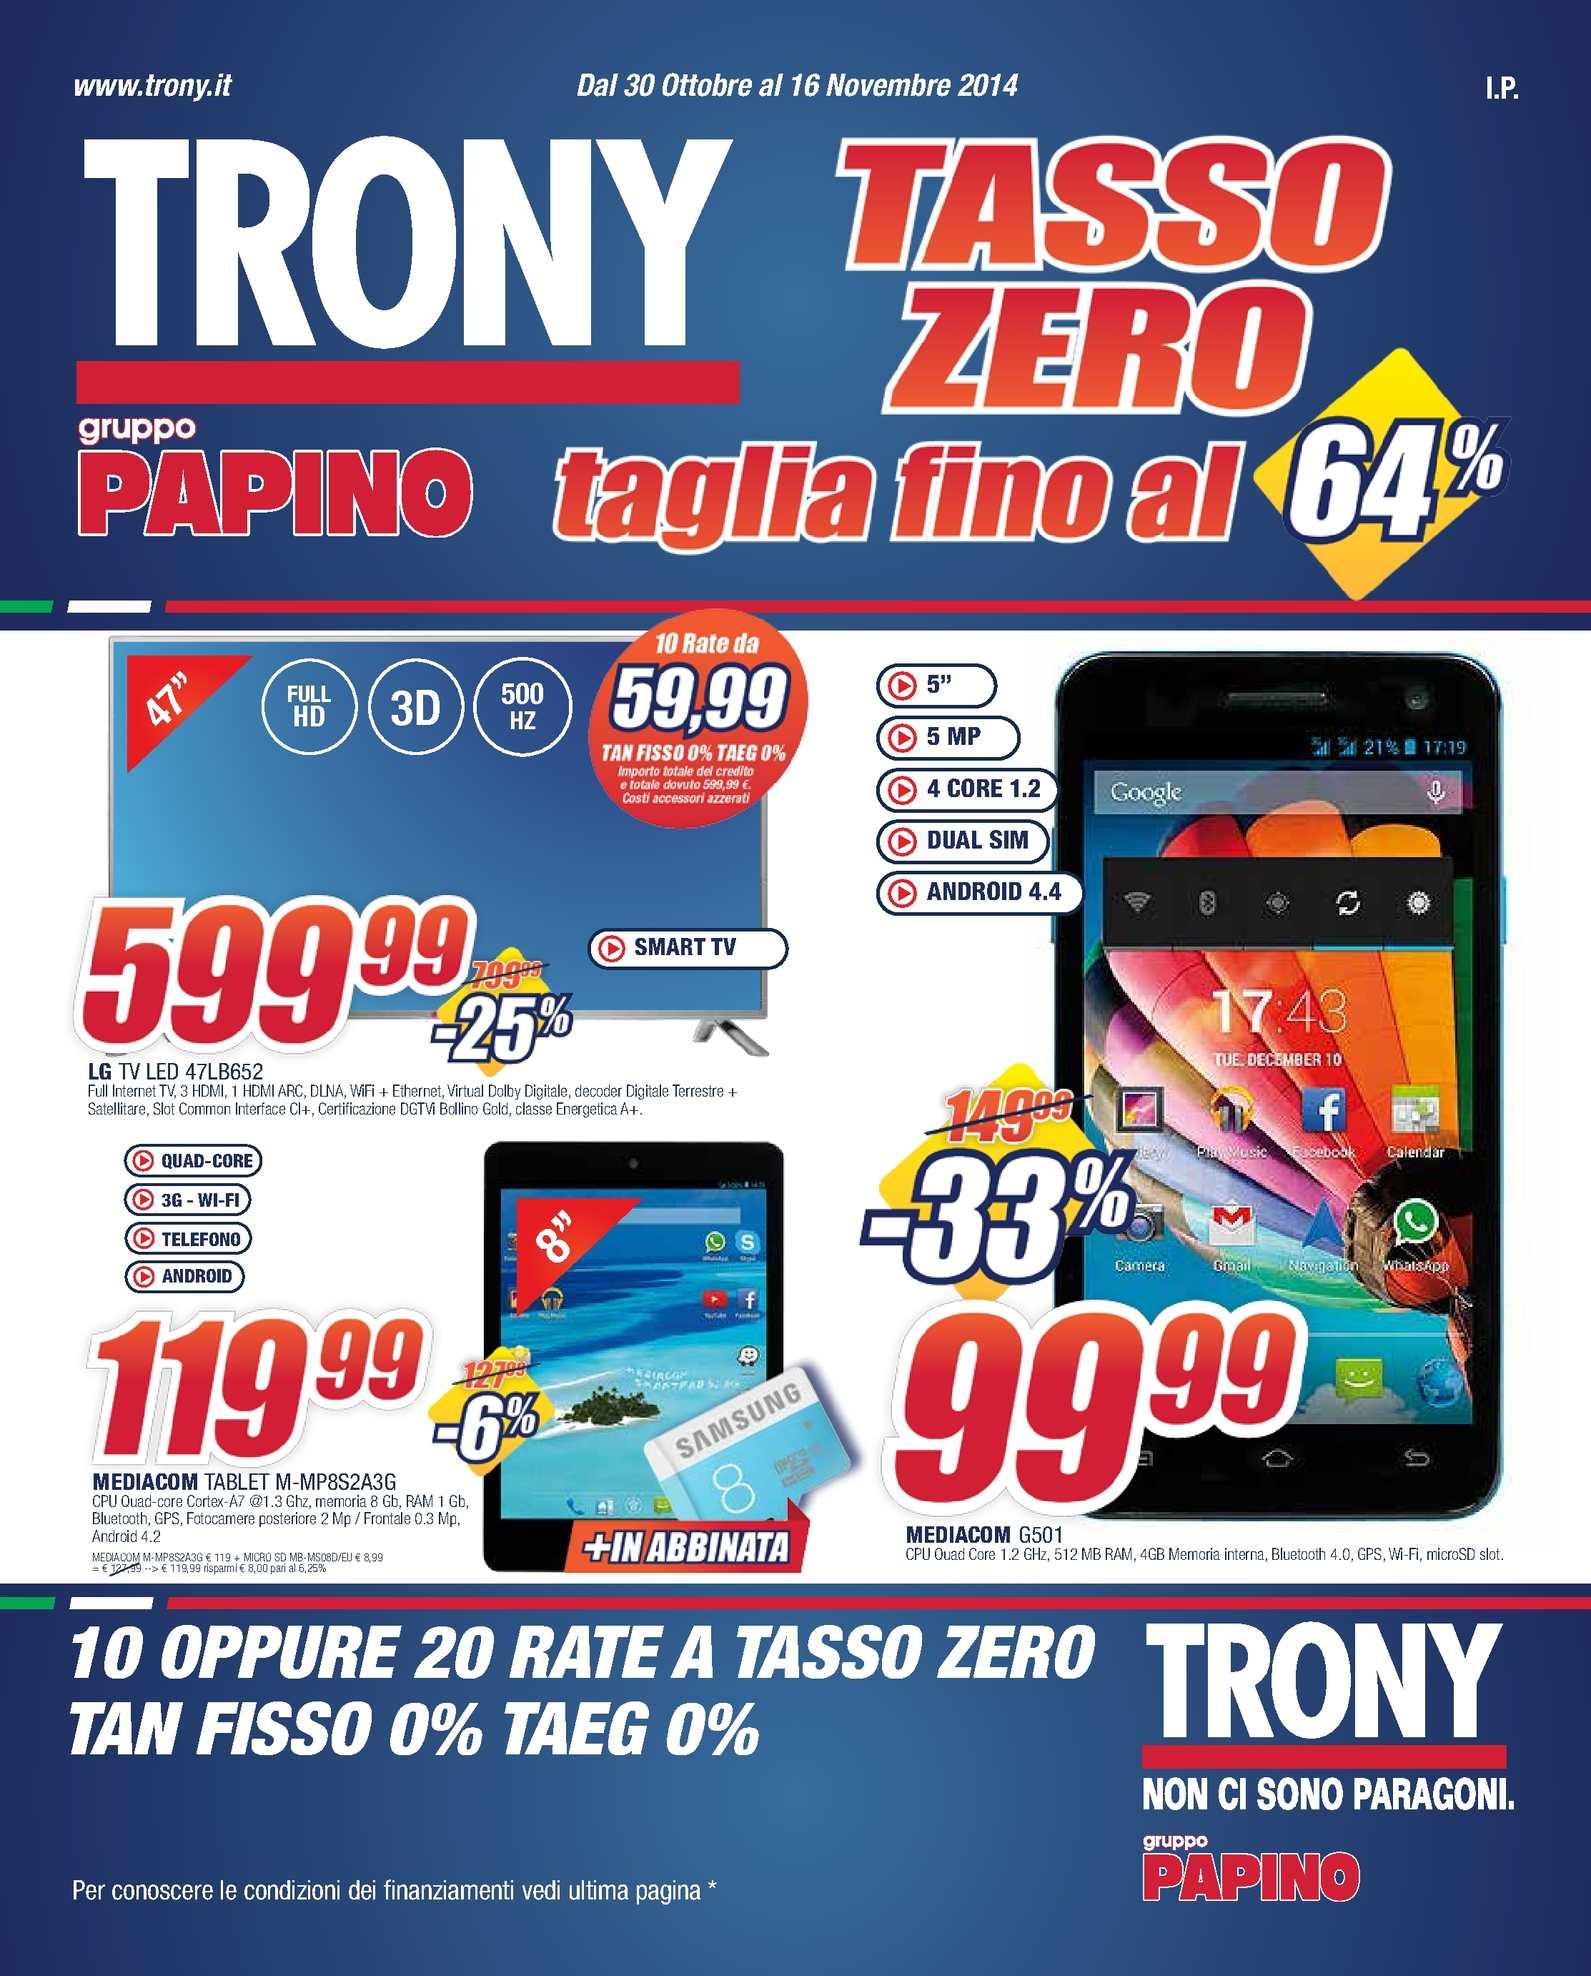 Calaméo - Volantino Trony gruppo Papino dal 30/10 al 16/11 ...